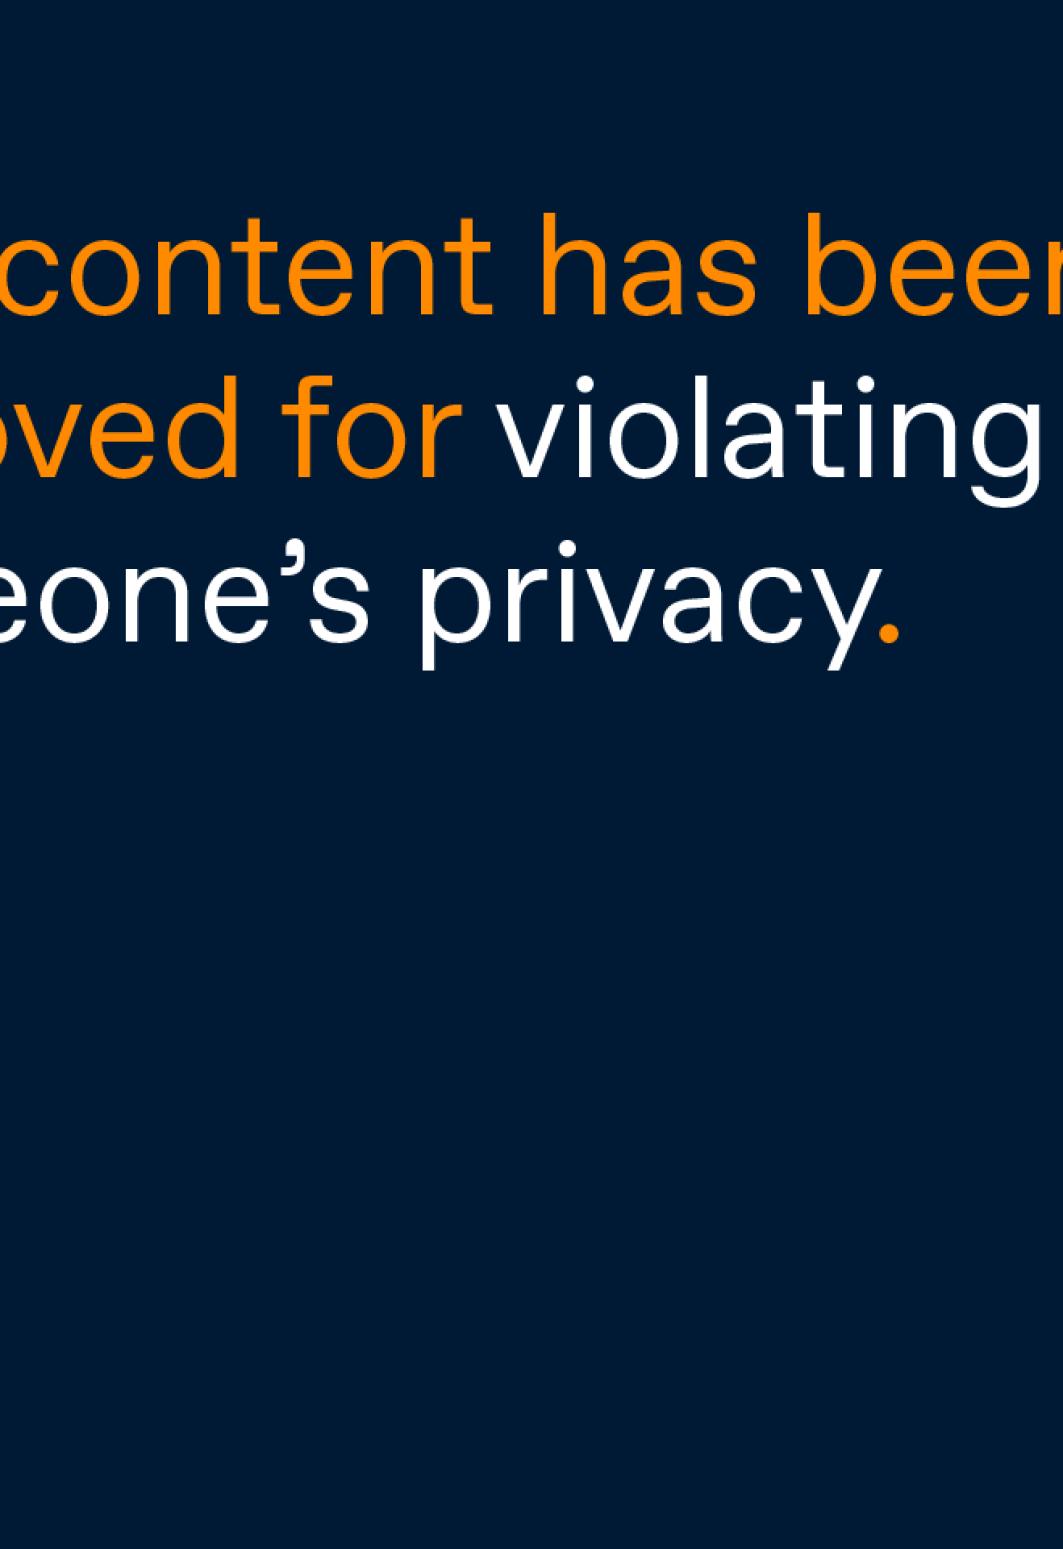 kikukawamitsuha